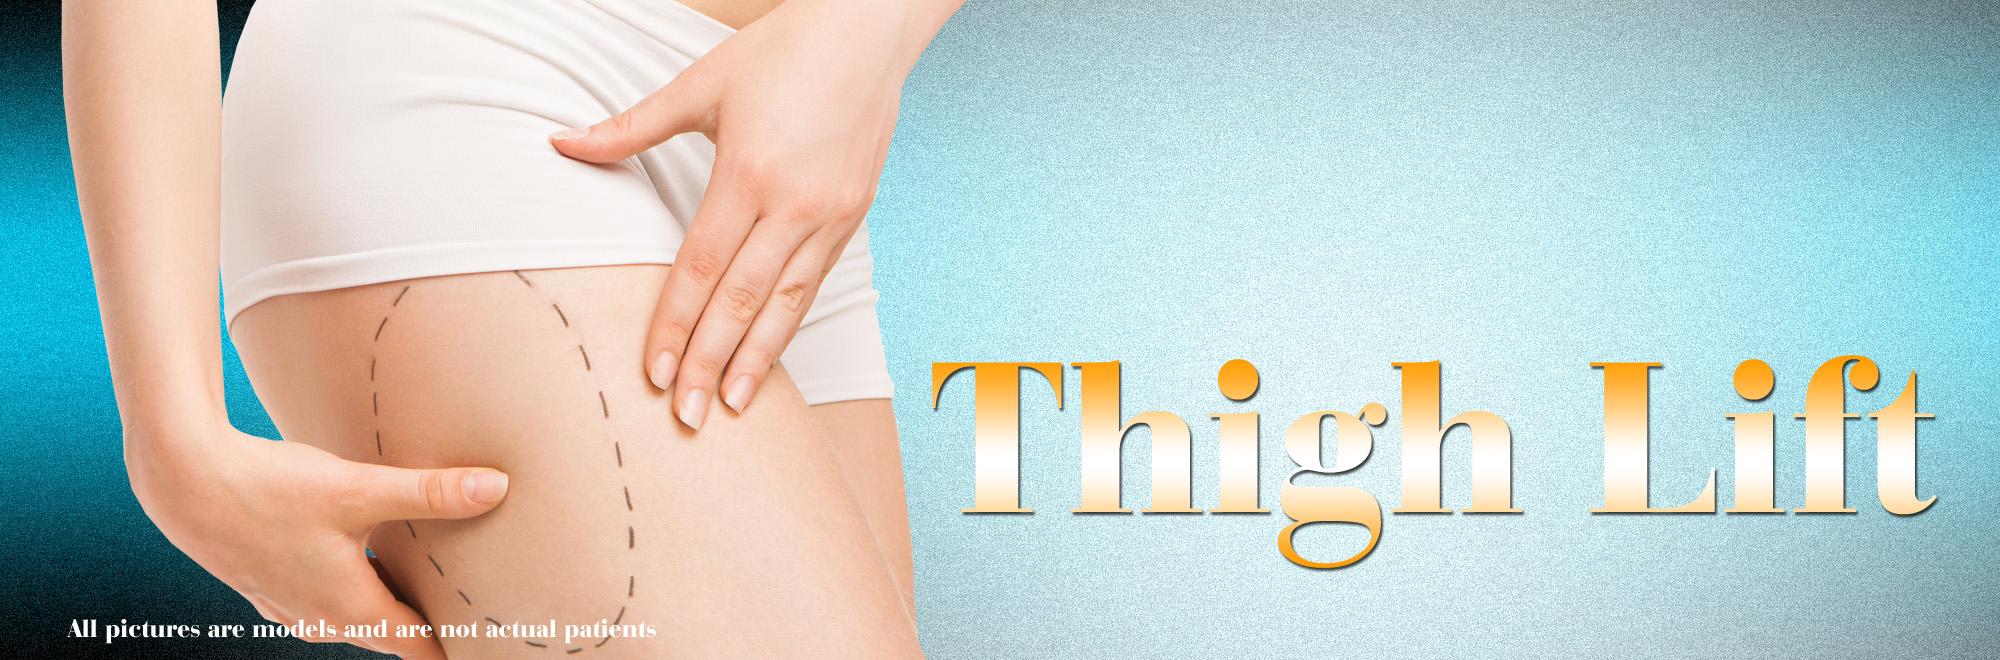 thigh lift